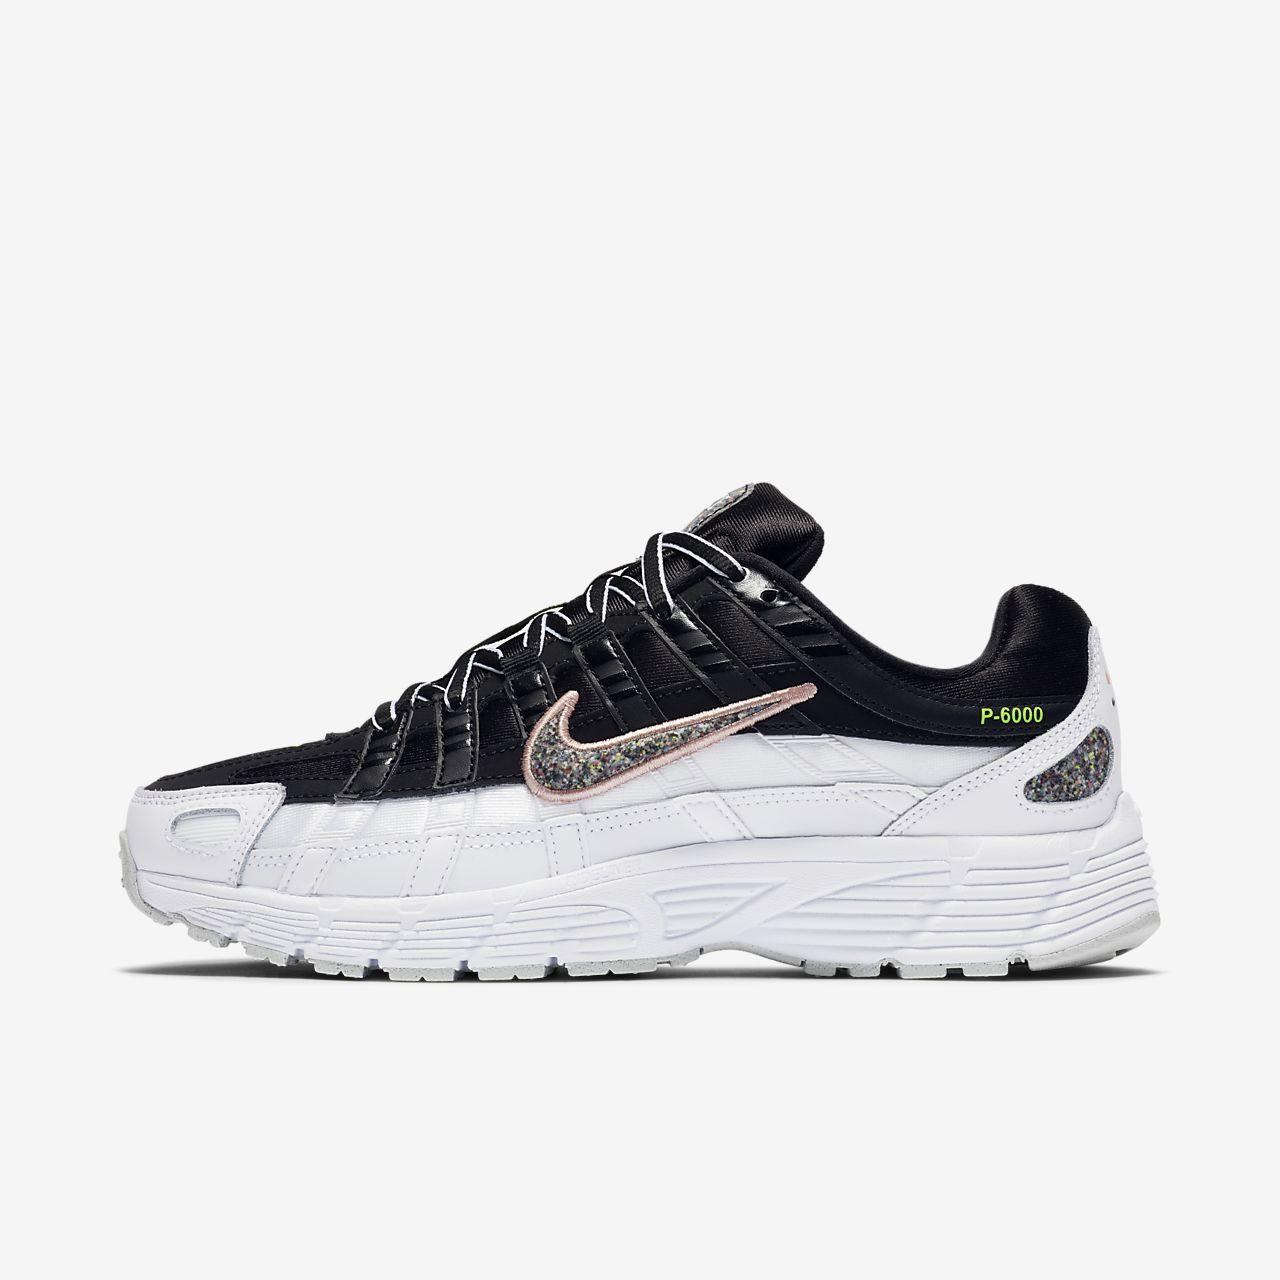 Nike P-6000 SE 女子运动鞋